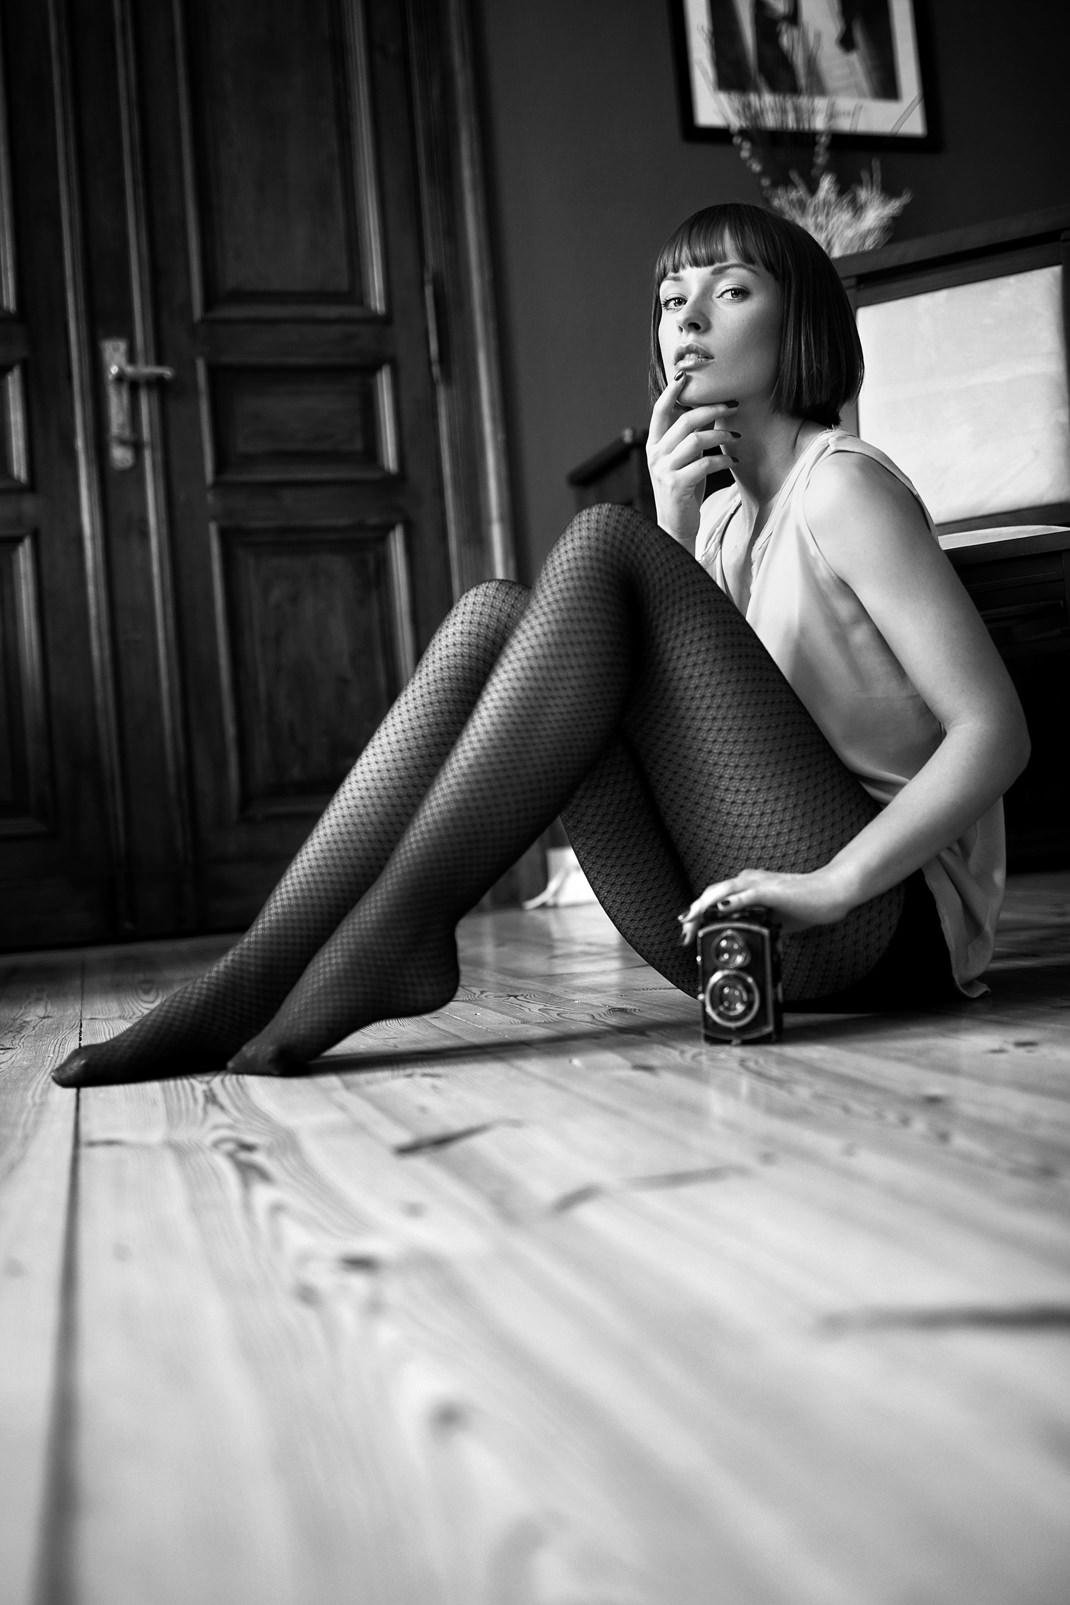 Two Beauties - Johanna & Rolleiflex - Markus Hertzsch - Camera - Girl